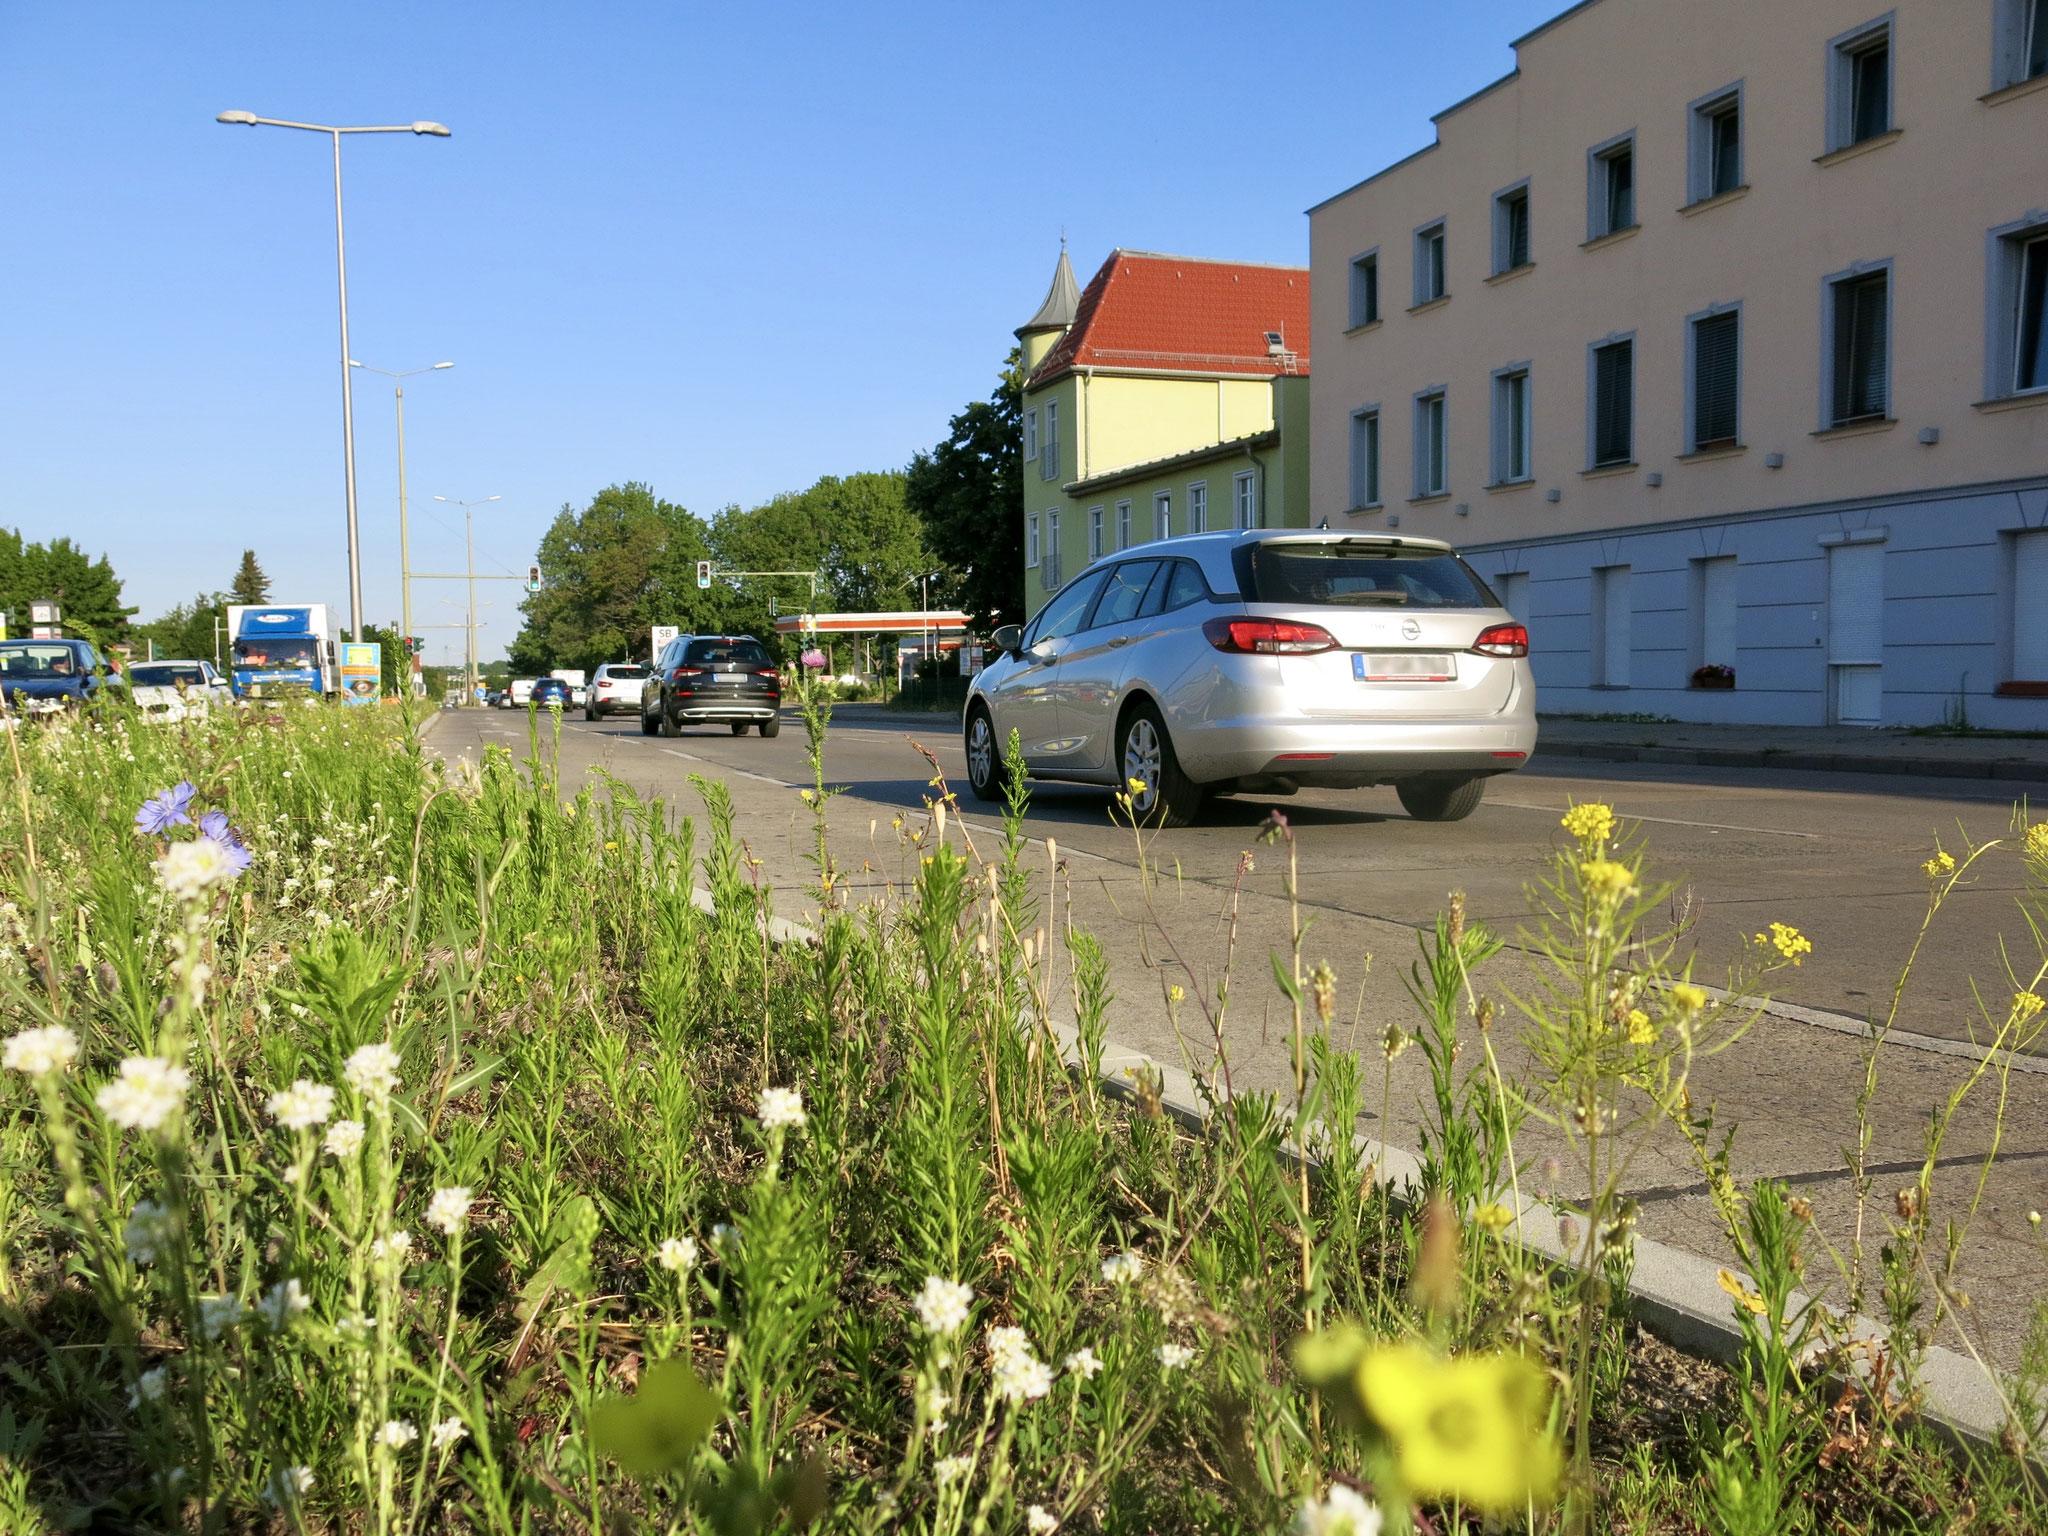 1. bis 17. Juli. B1/B5 stadteinwärts: Fahrbahnverengung auf eine Spur zwischen Myslowitzer Straße und Mädewalder Weg